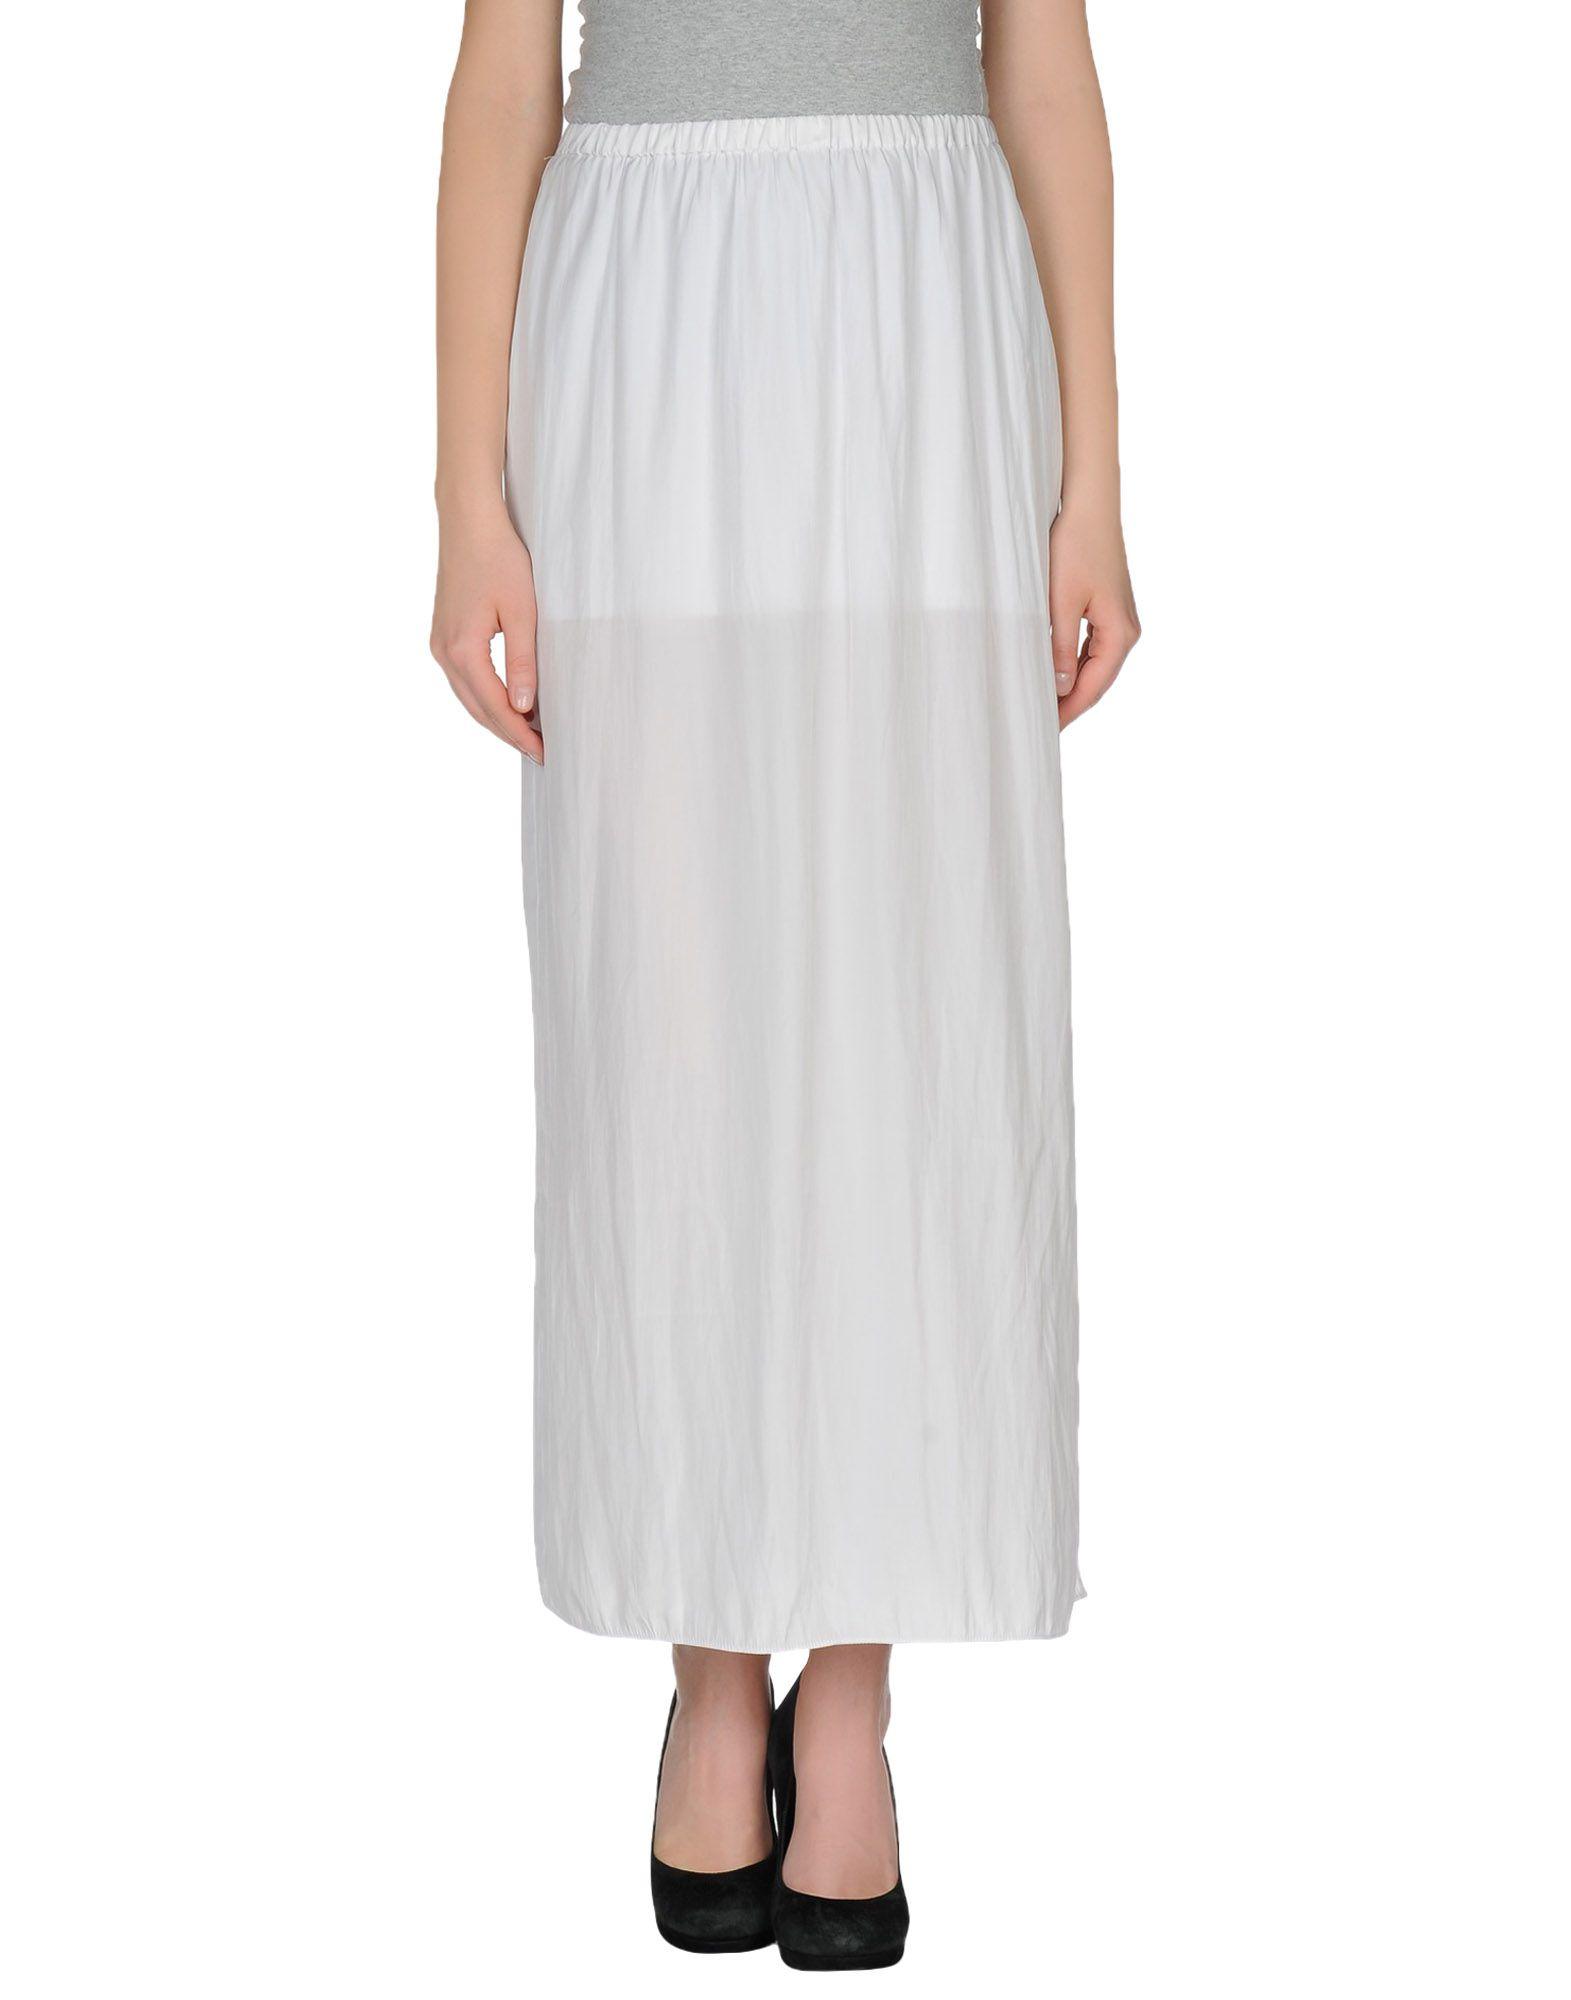 Long Skirt White - Masturbation Network-2458